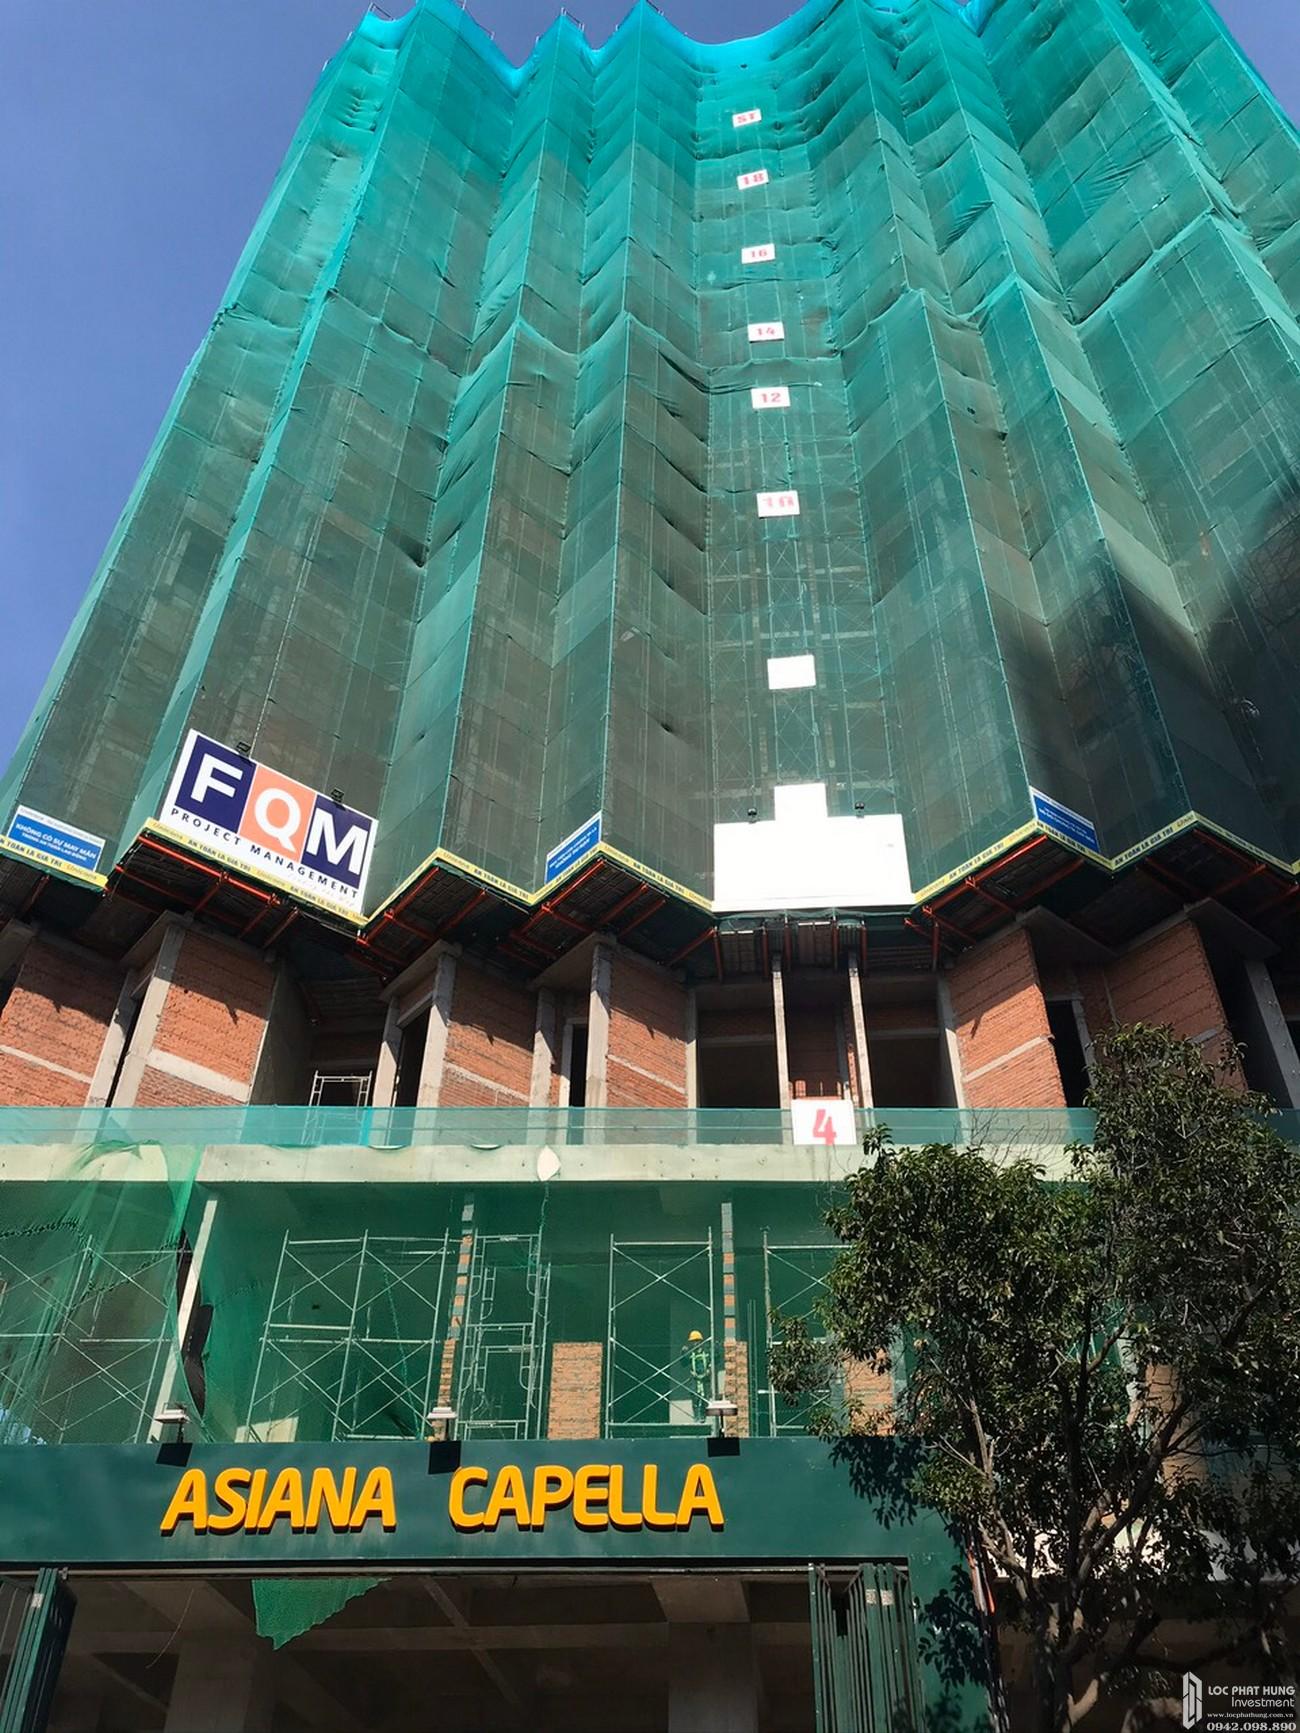 Tiến độ dự án căn hộ chung cư Asiana Capella 09/05/2020 Quận 6 Đường Trần Văn Kiểu chủ đầu tư Gotec Land